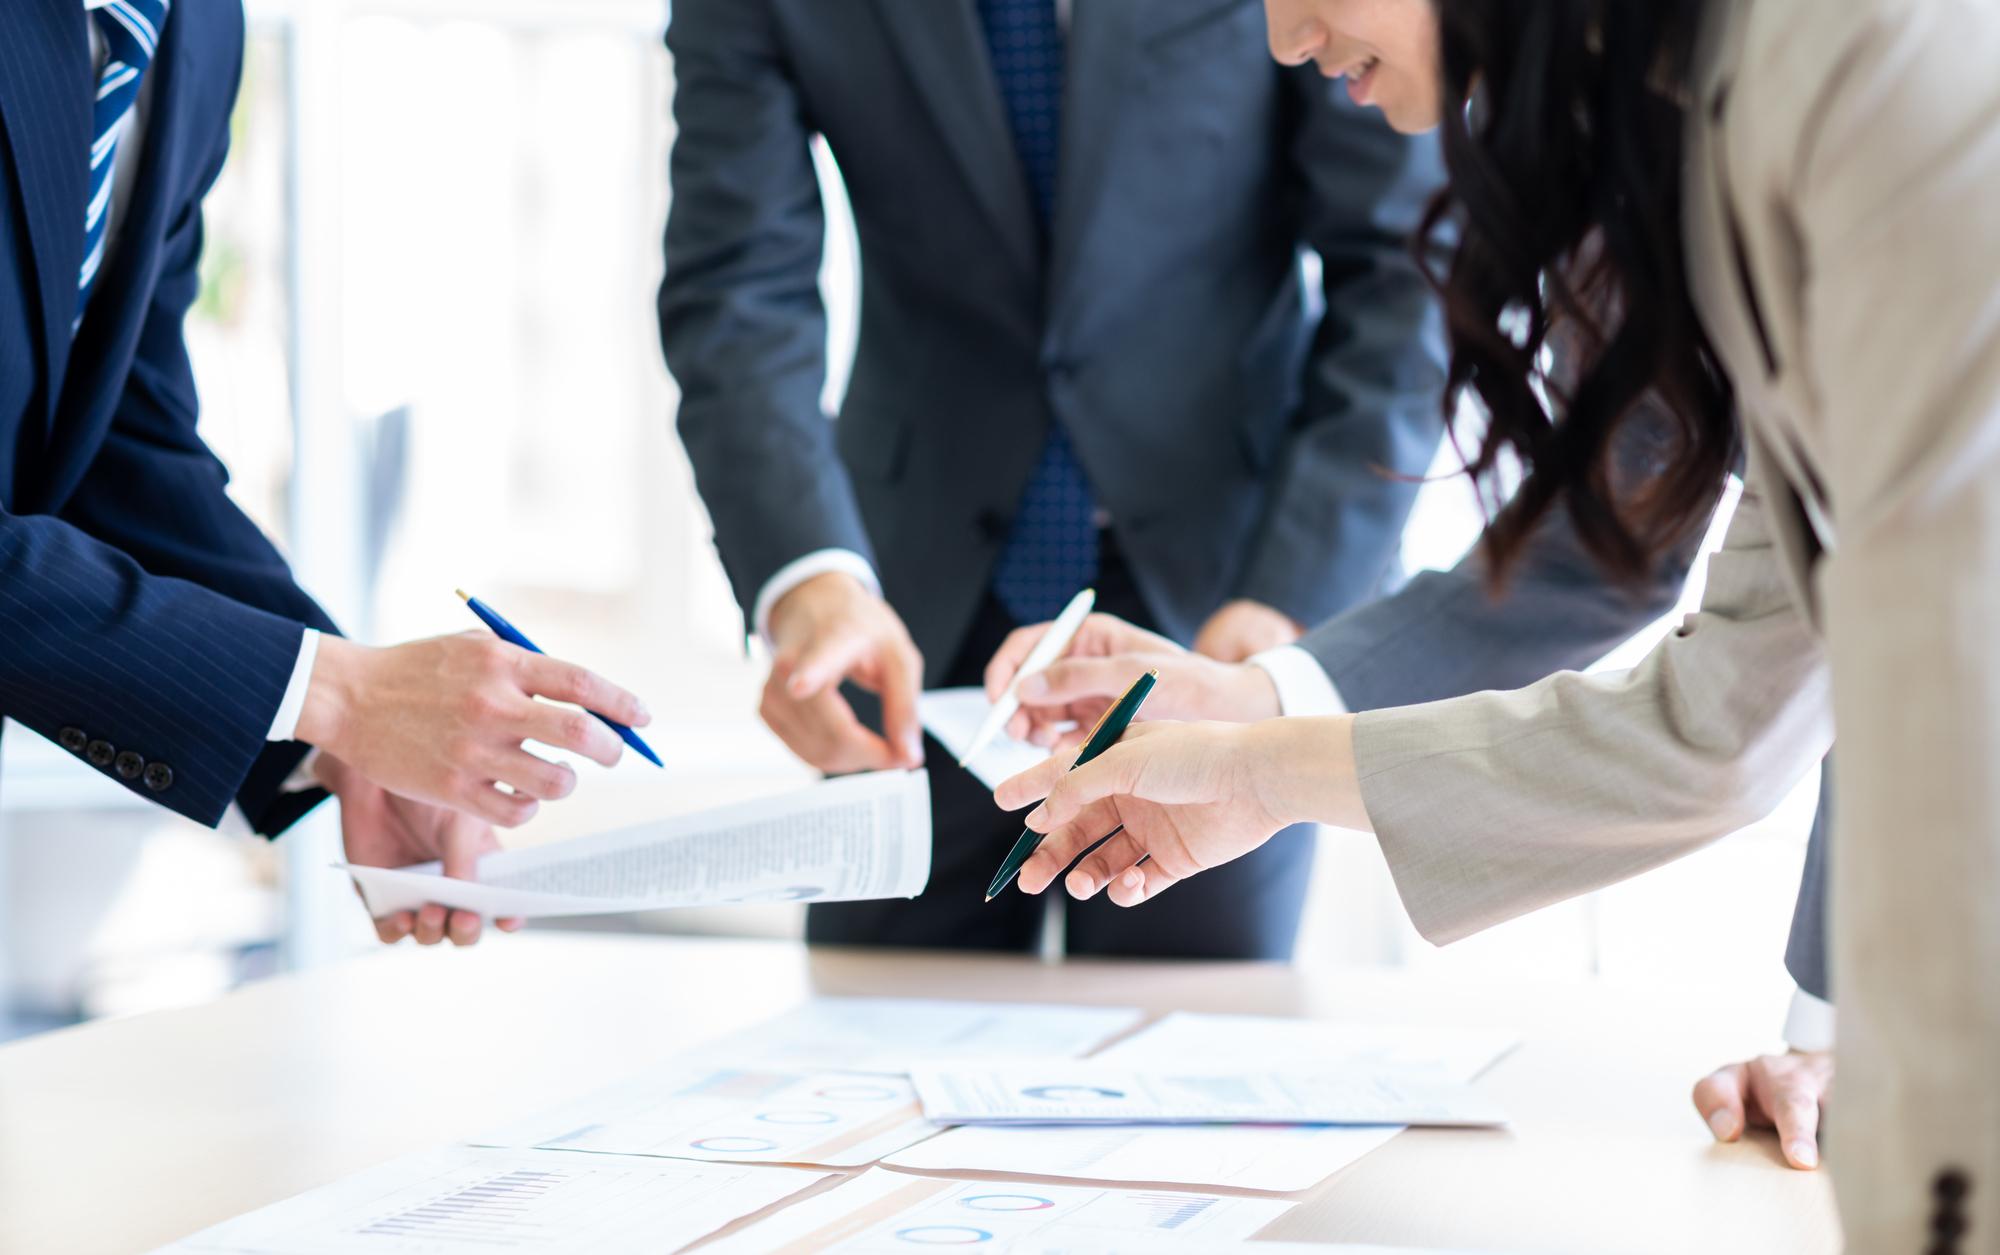 人材を見抜く面接の質問とは? 面接官になったら知っておきたい心得と質問項目例_3